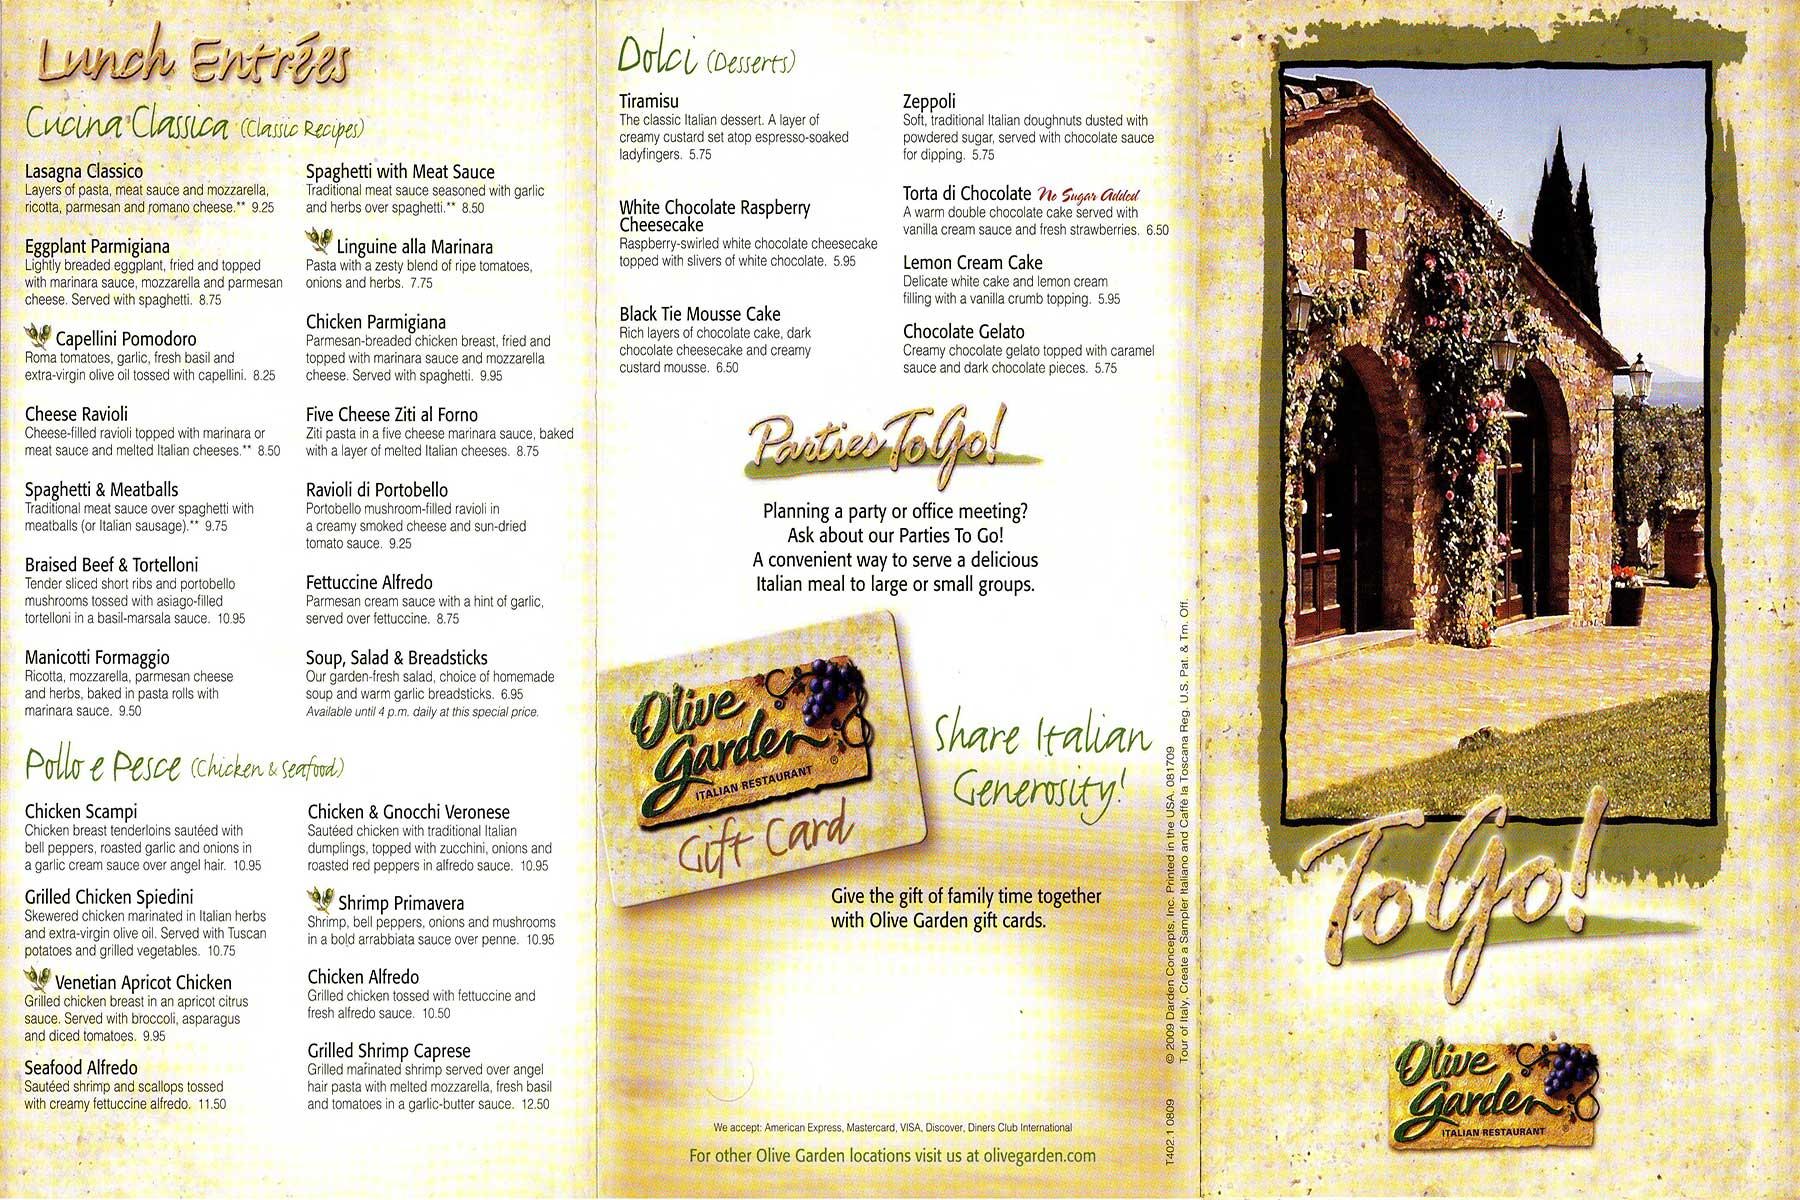 download image 1800 x 1200 - Olive Garden Harlingen